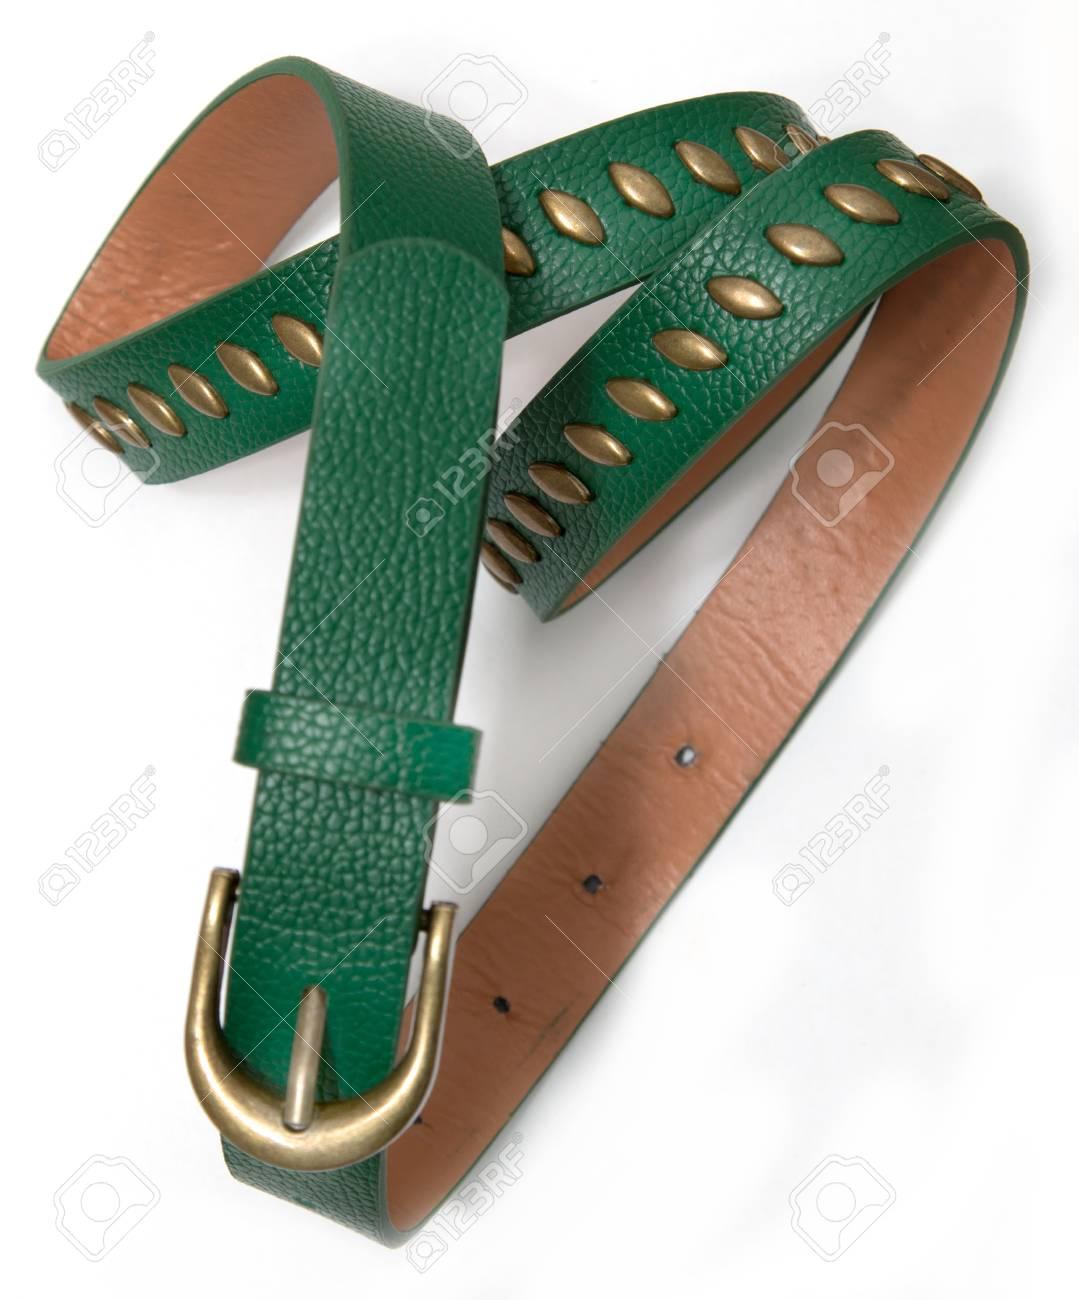 disponibilidad en el reino unido df5ab 2f0f6 Cinturón verde de la mujer sobre un fondo blanco